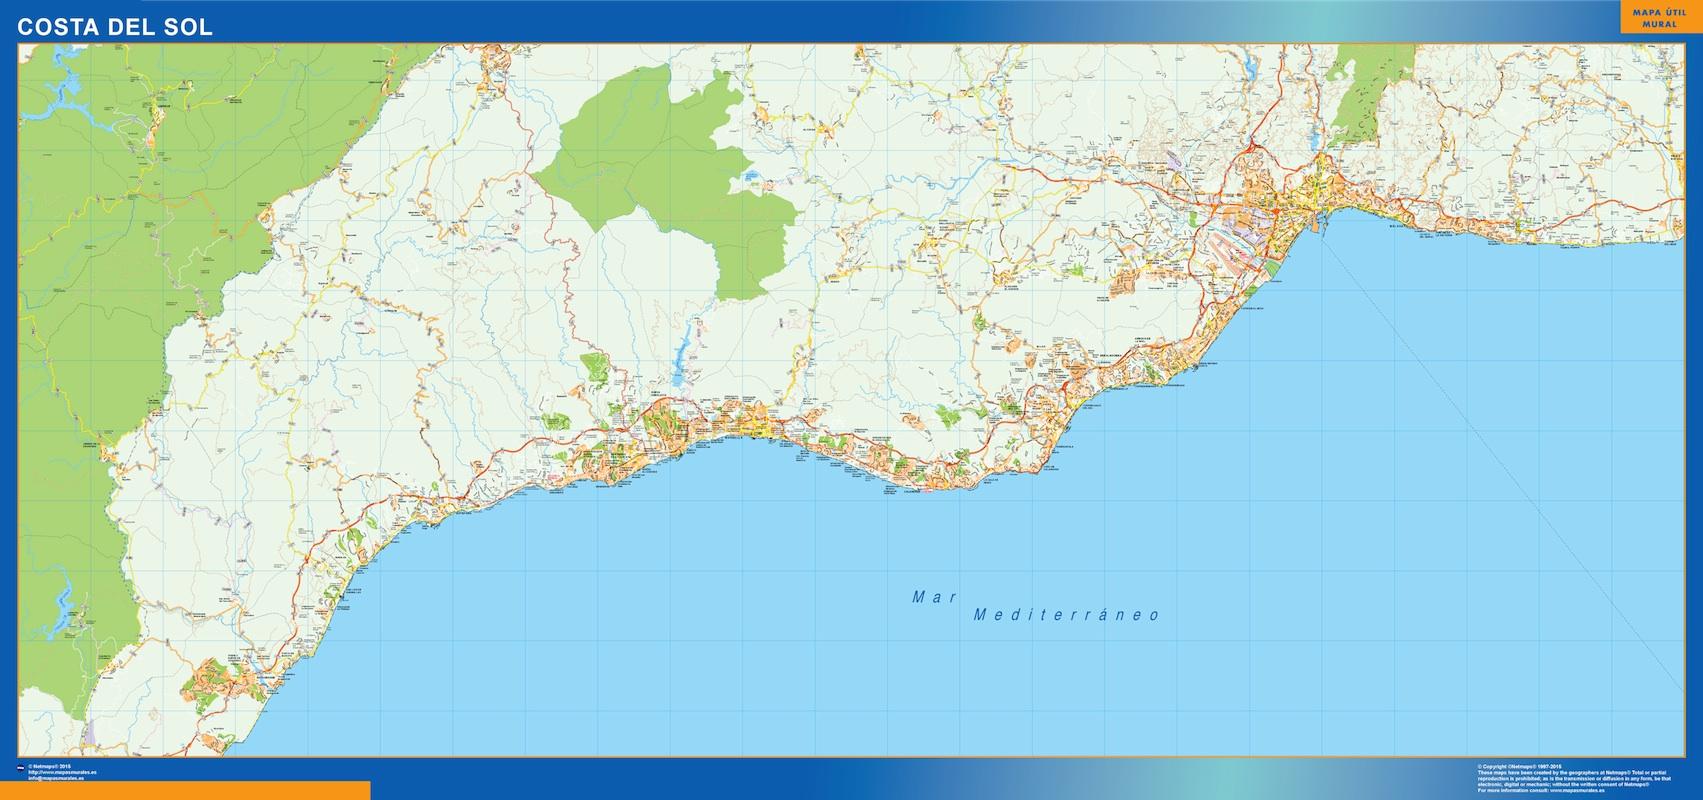 Mapa Costa Sol plastificado gigante